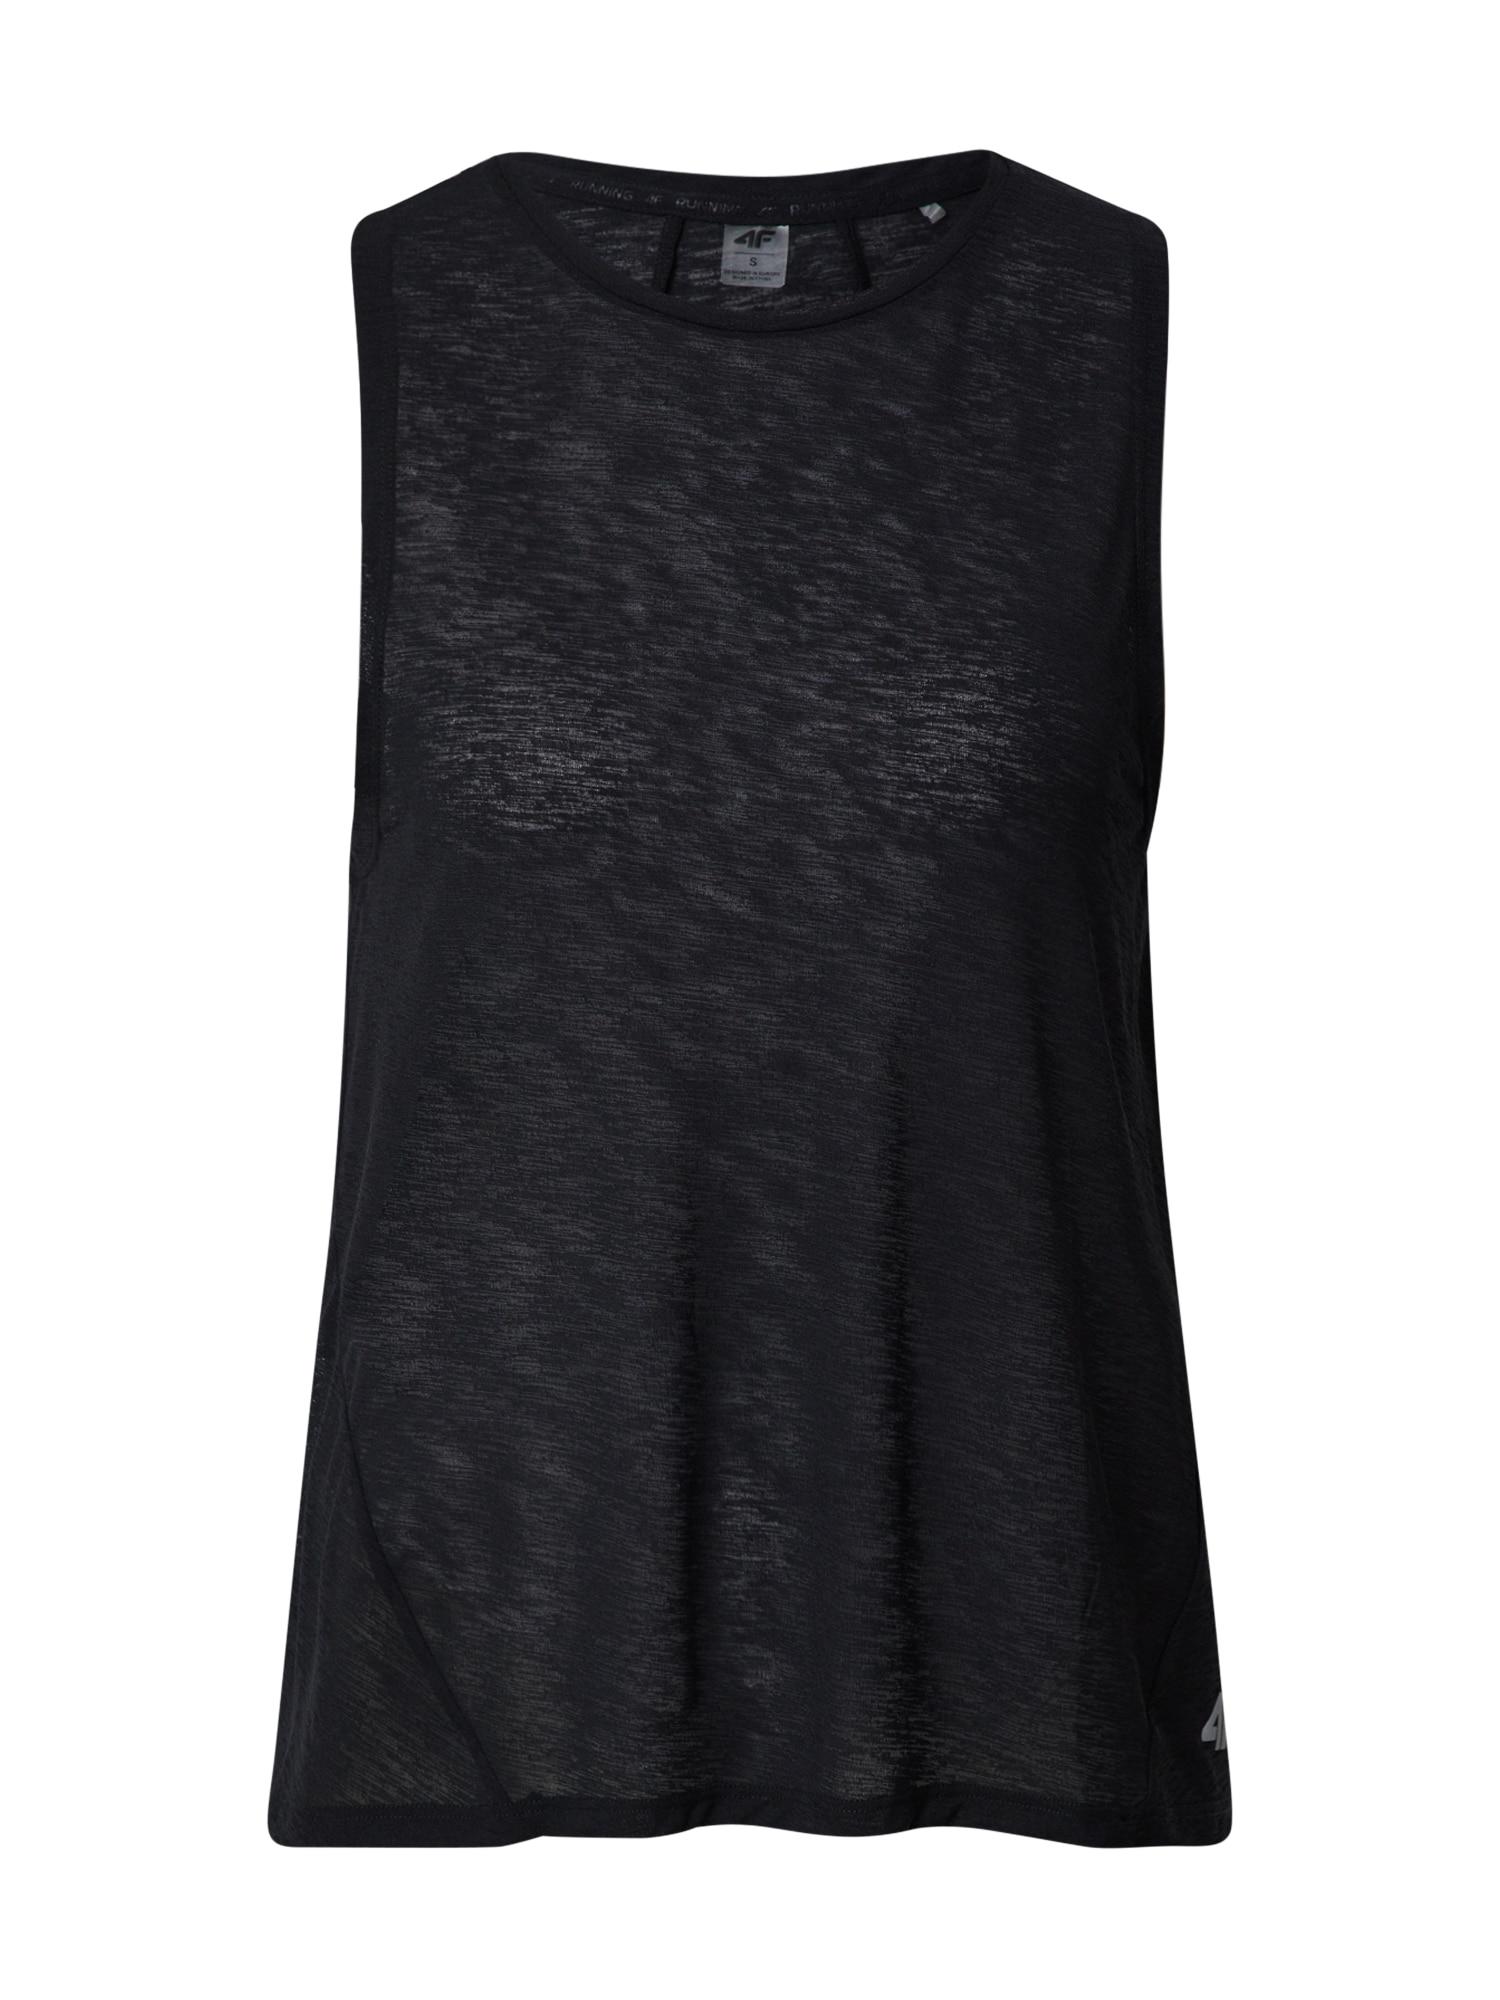 4F Sportiniai marškinėliai be rankovių juoda